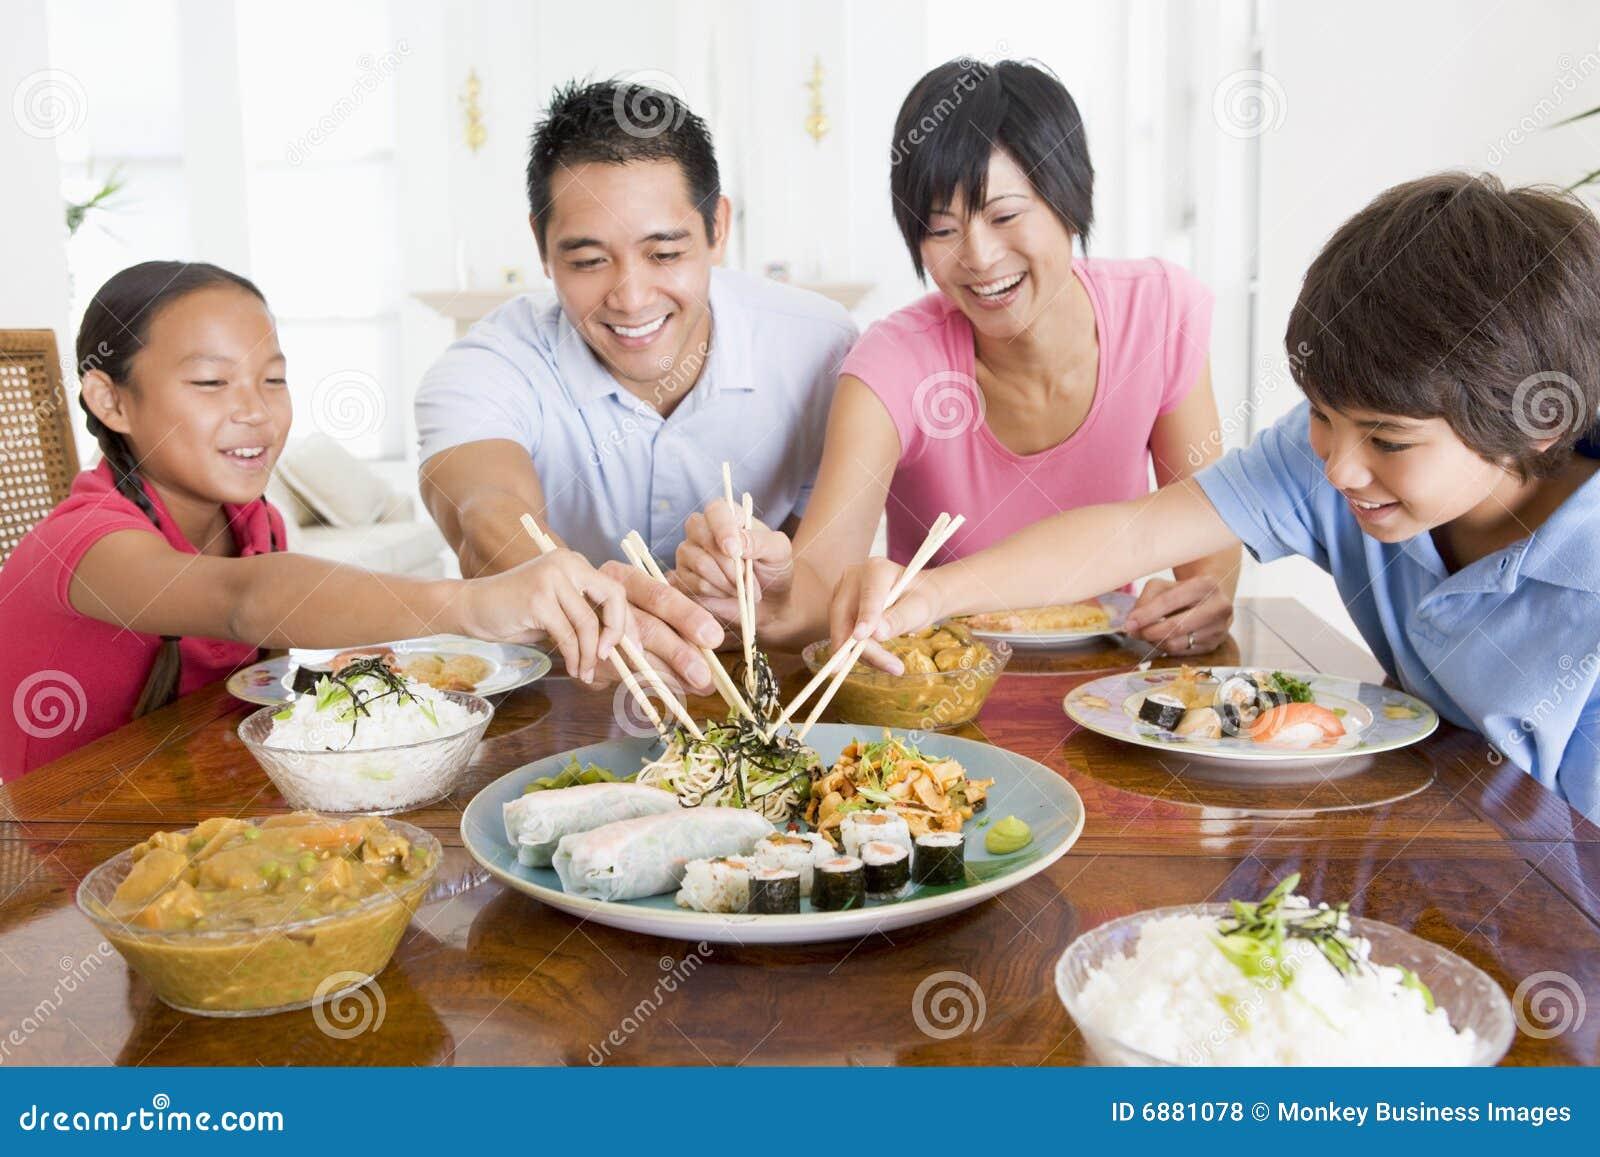 Familie, die zusammen Mahlzeit, Mealtime genießt